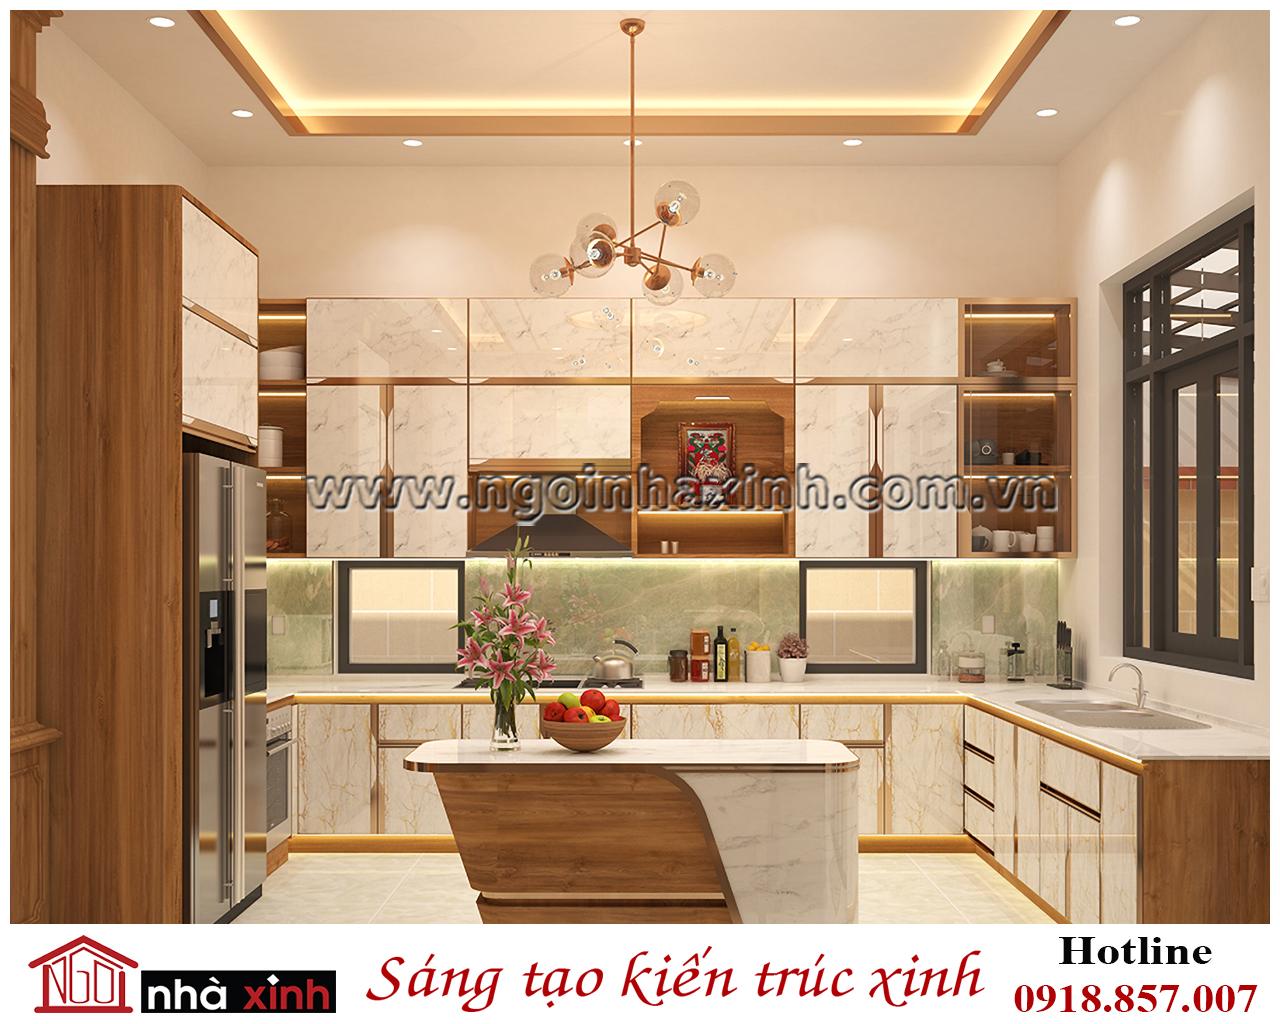 Thiết kế nội thất phòng bếp đẹp, noi that dep, nhà xinh, nha xinh, nội thất đẹp,ngôi nhà xinh, thiết kế ngôi nhà xinh